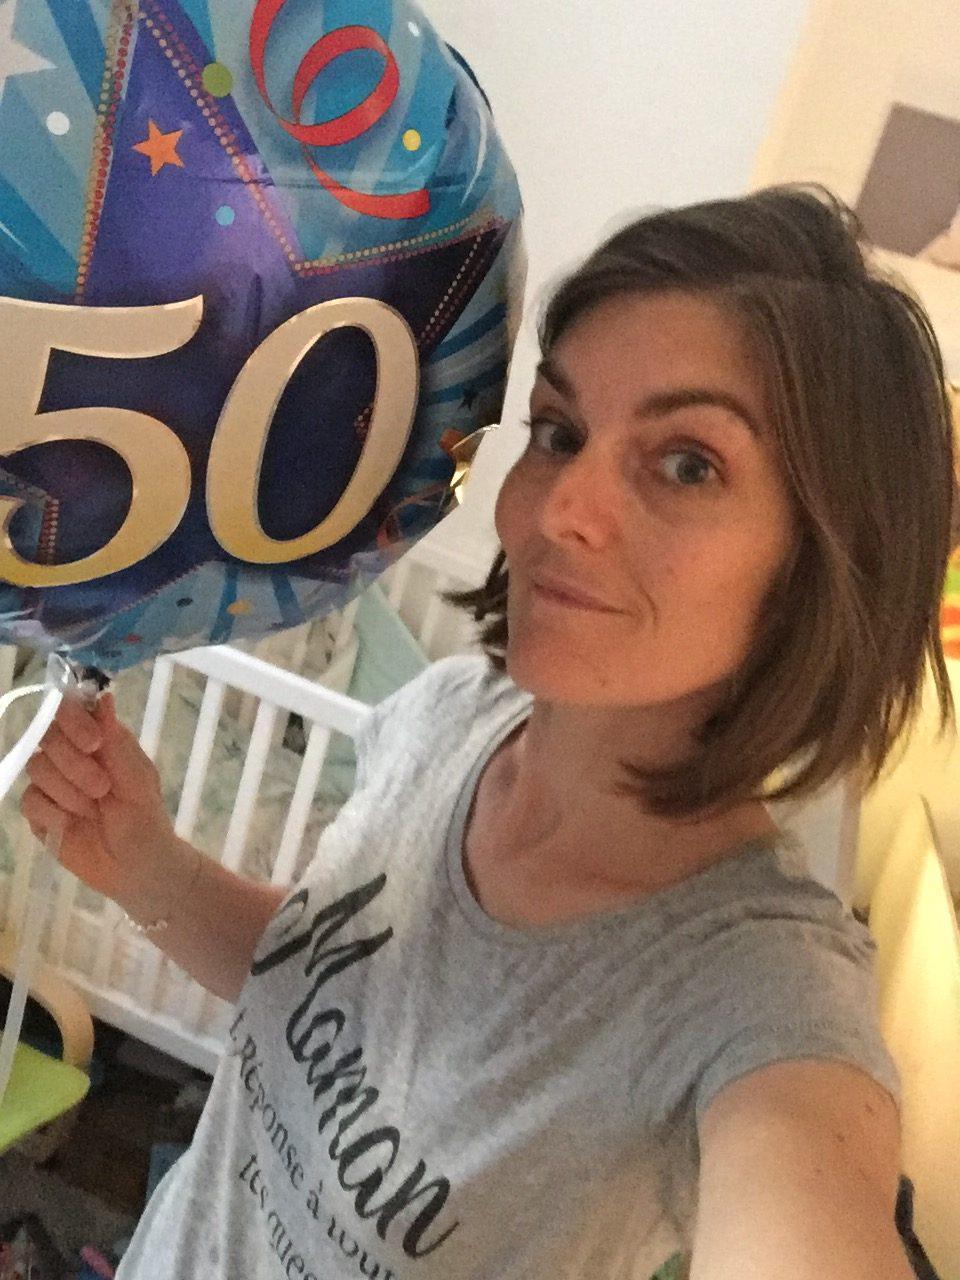 Octobre - kinder #kinder50ans